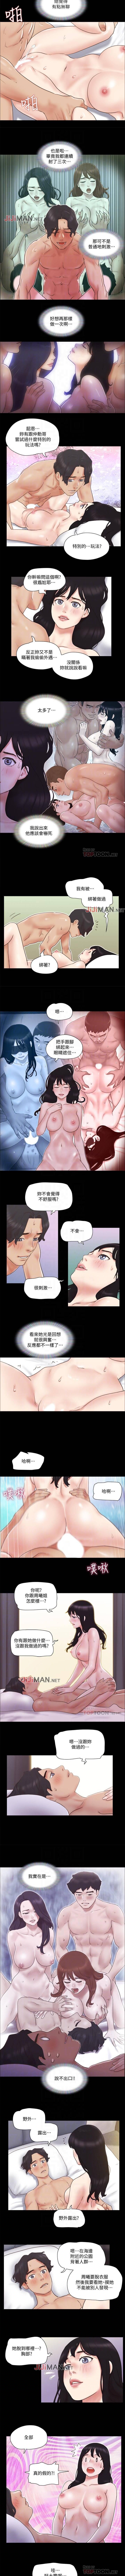 【周五连载】协议换爱(作者:遠德) 第1~62话 243